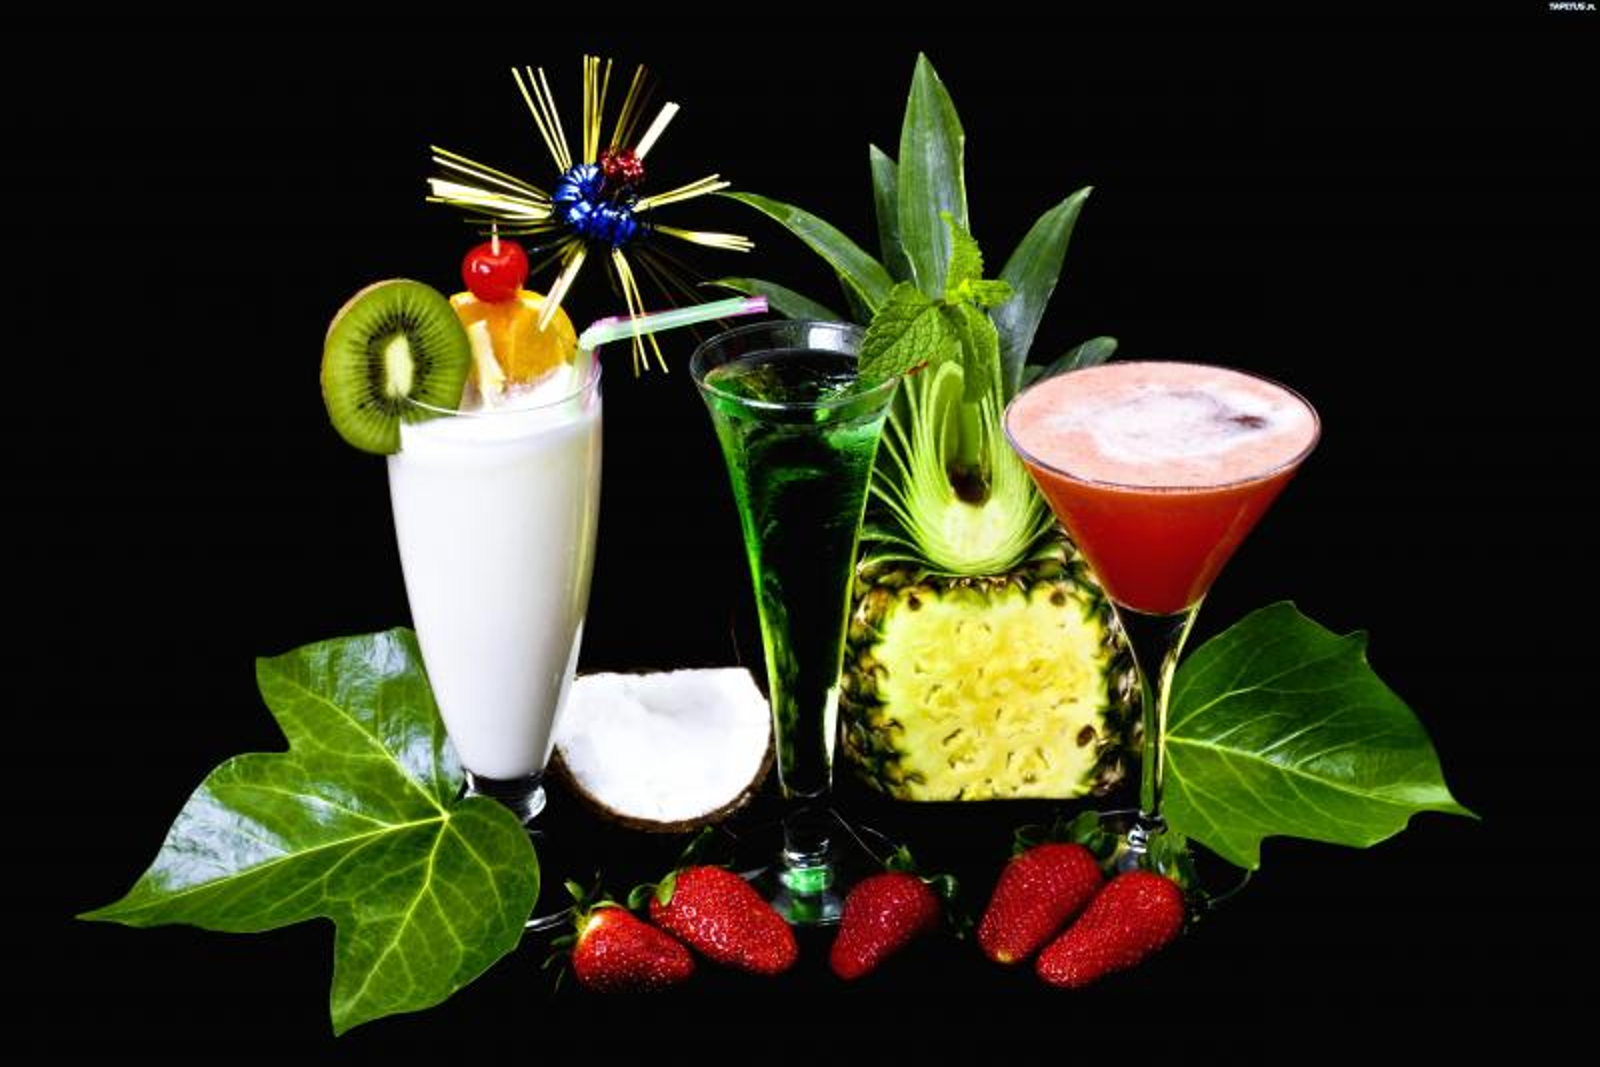 alkochole